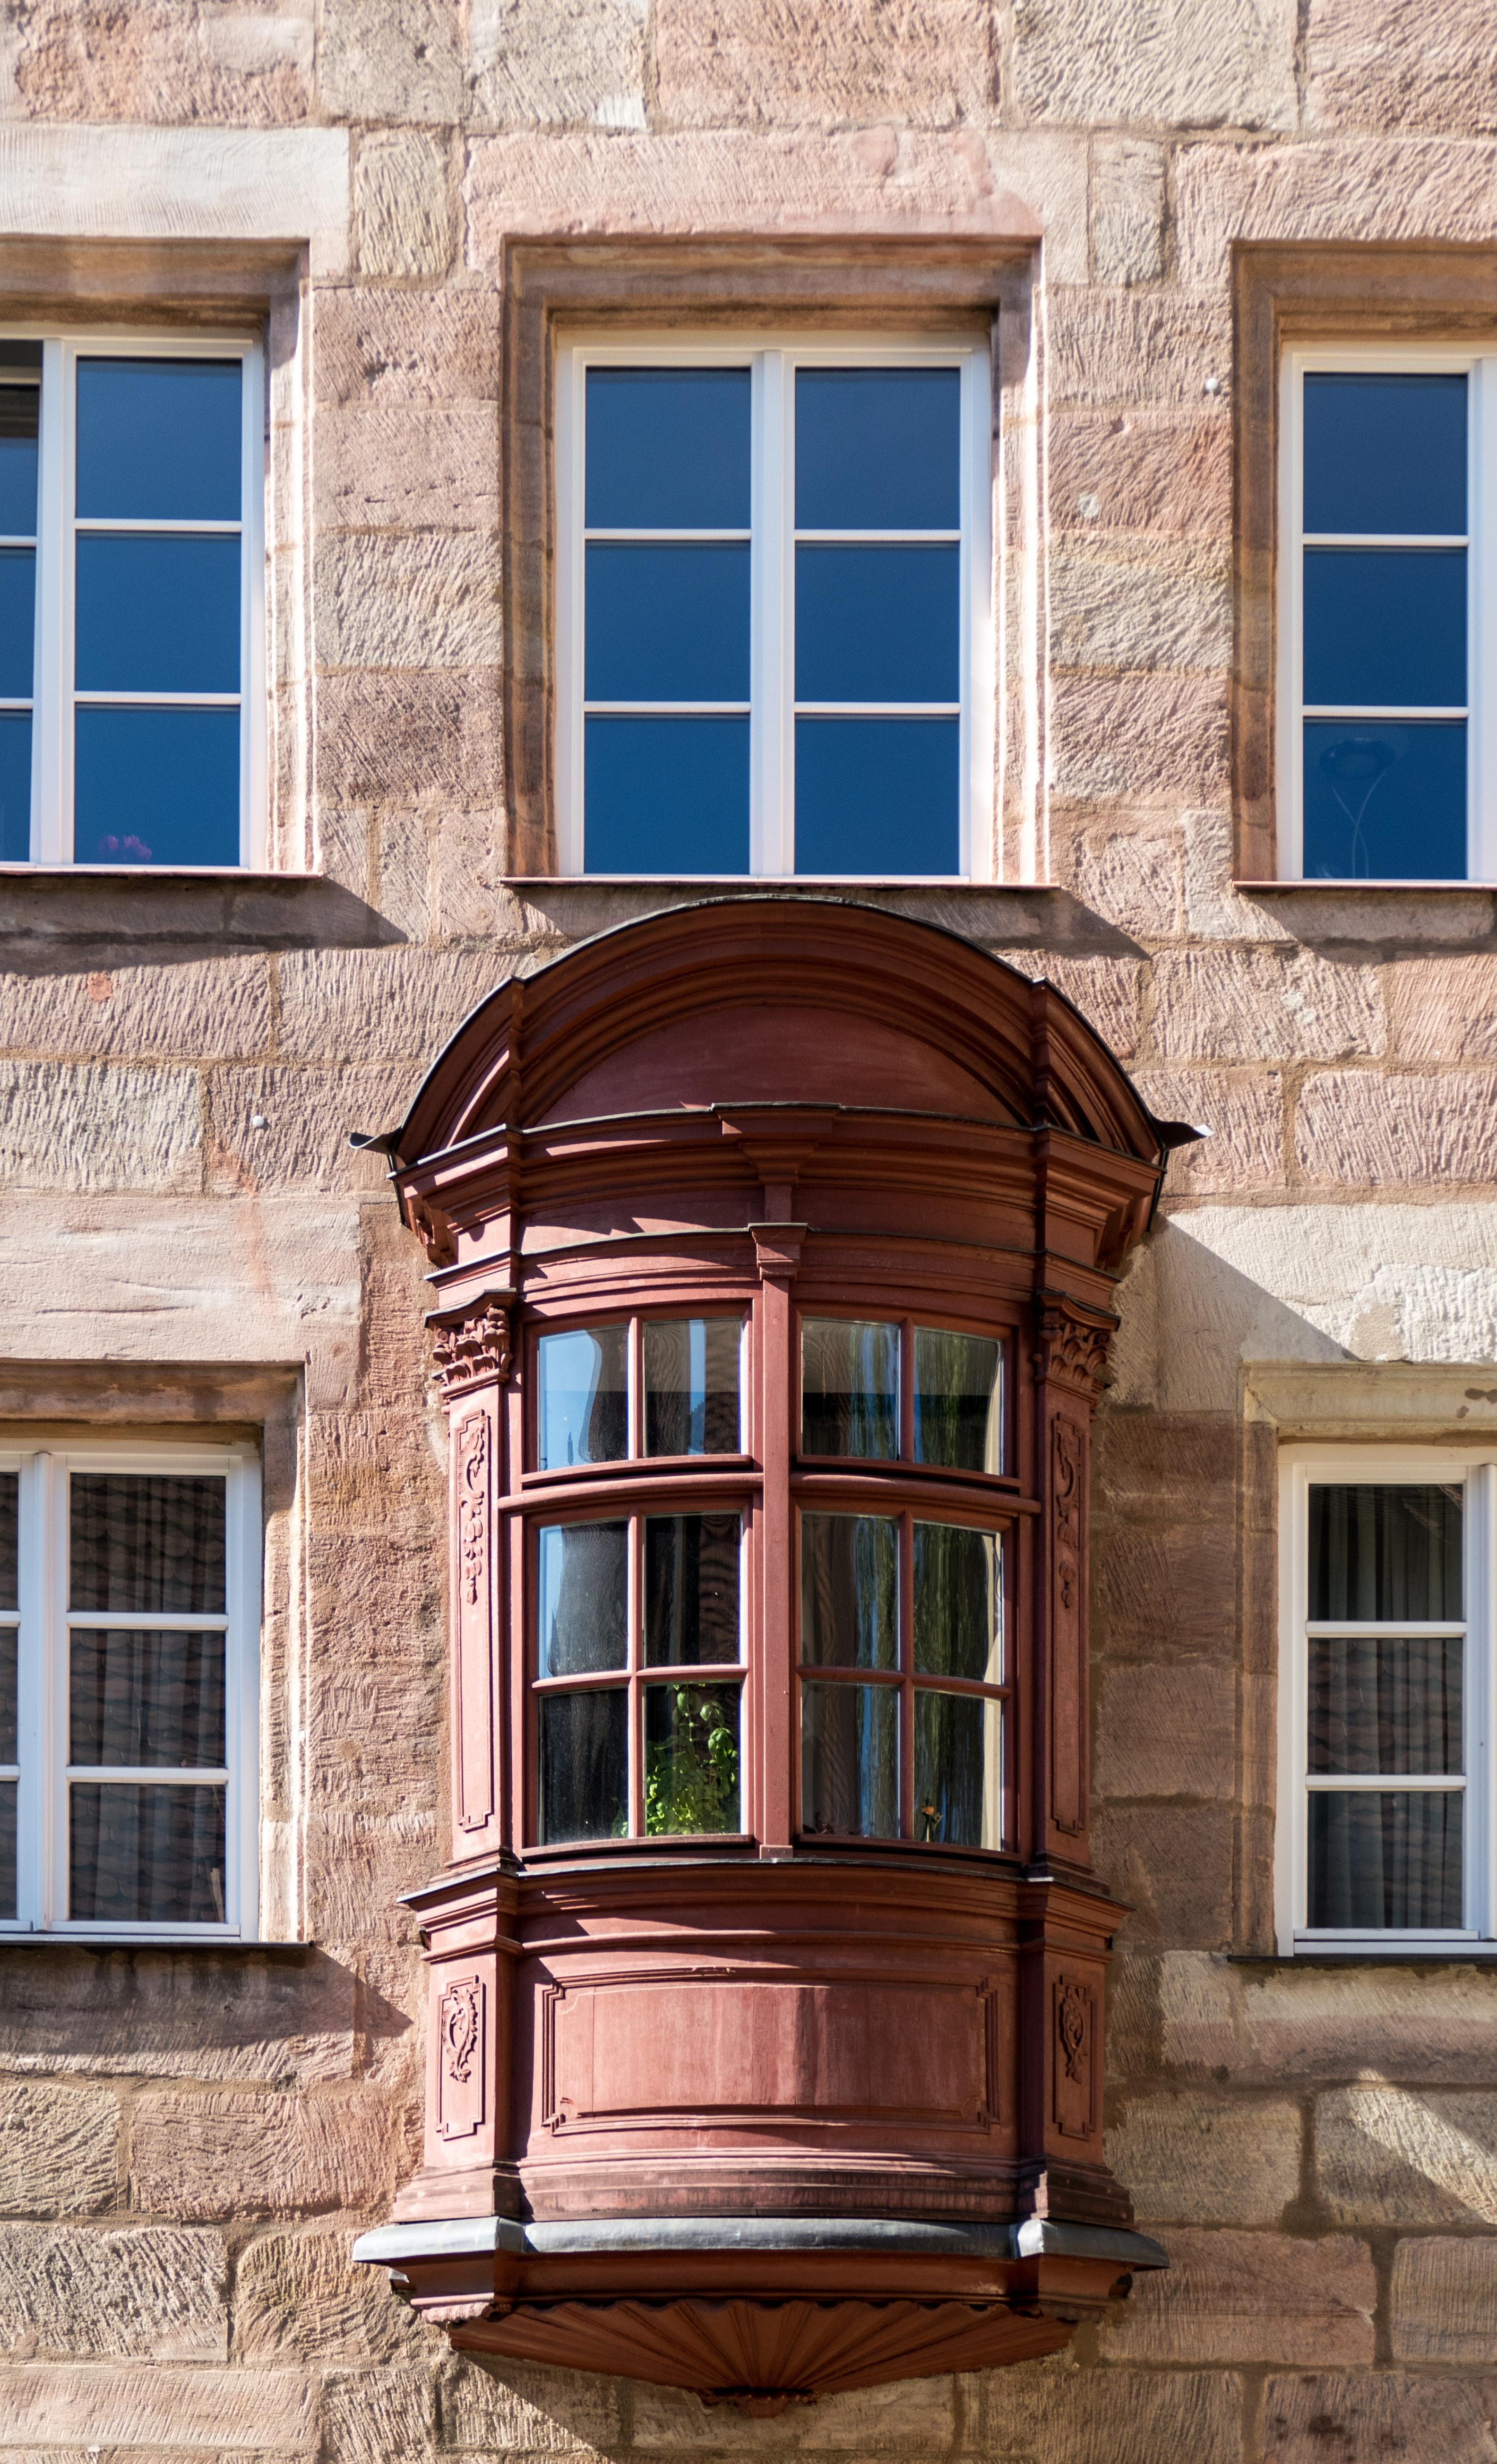 Images gratuites architecture bois bâtiment vieux porche façade brique porte design dintérieur vieille ville biens historiquement moyen âge